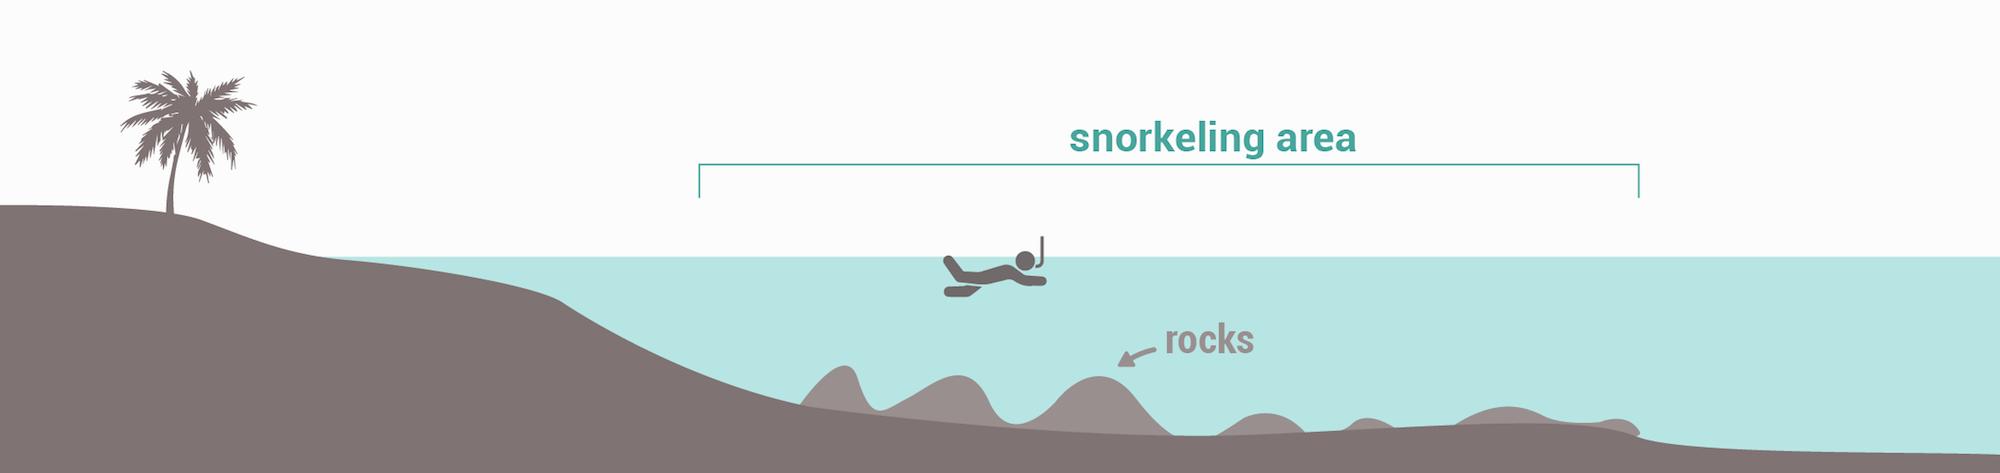 Snorkeling spots types - Rocky seabed